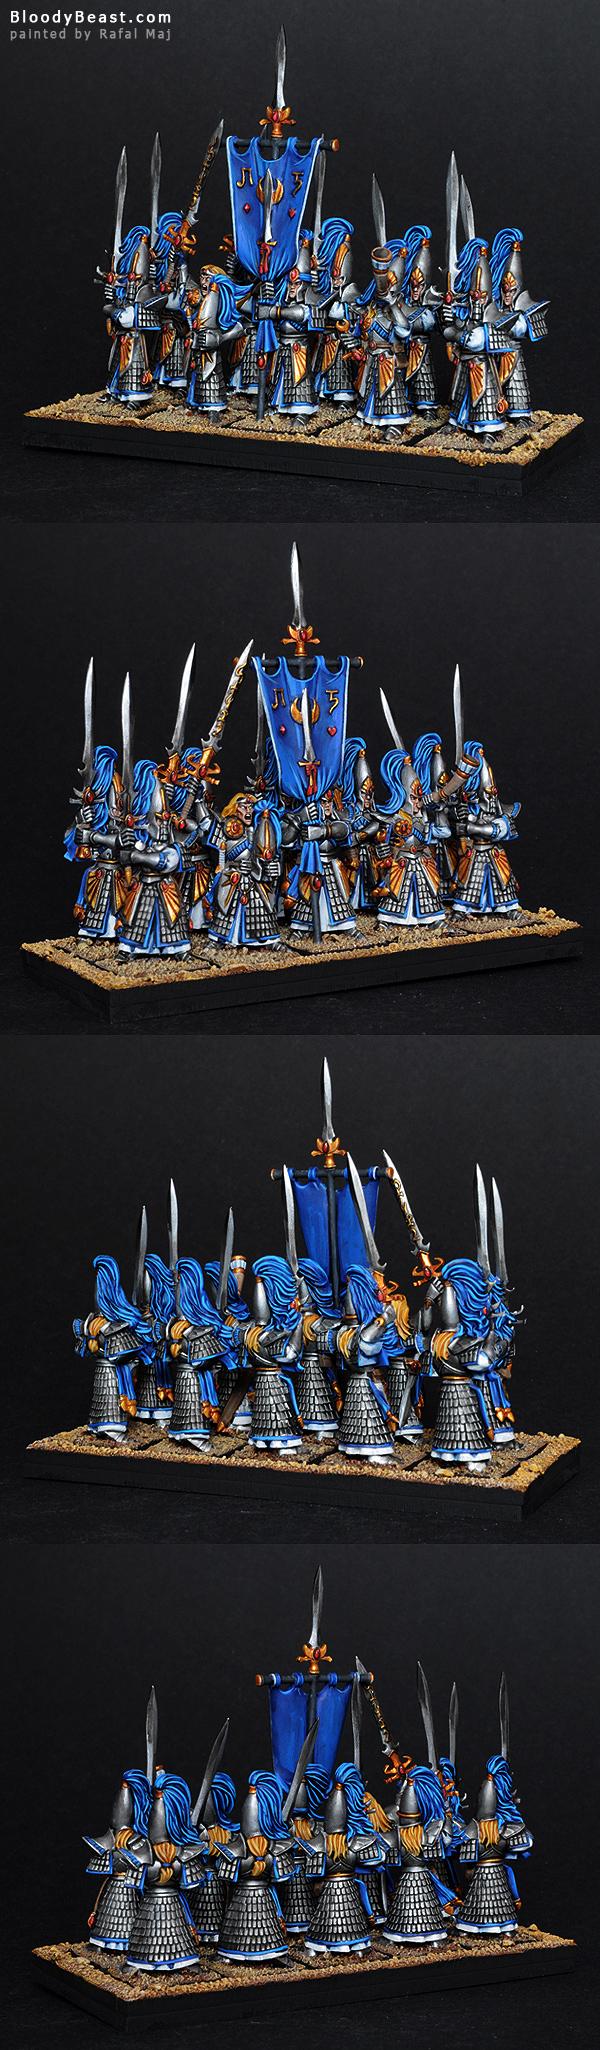 High Elf Sword Masters of Hoeth painted by Rafal Maj (BloodyBeast.com)